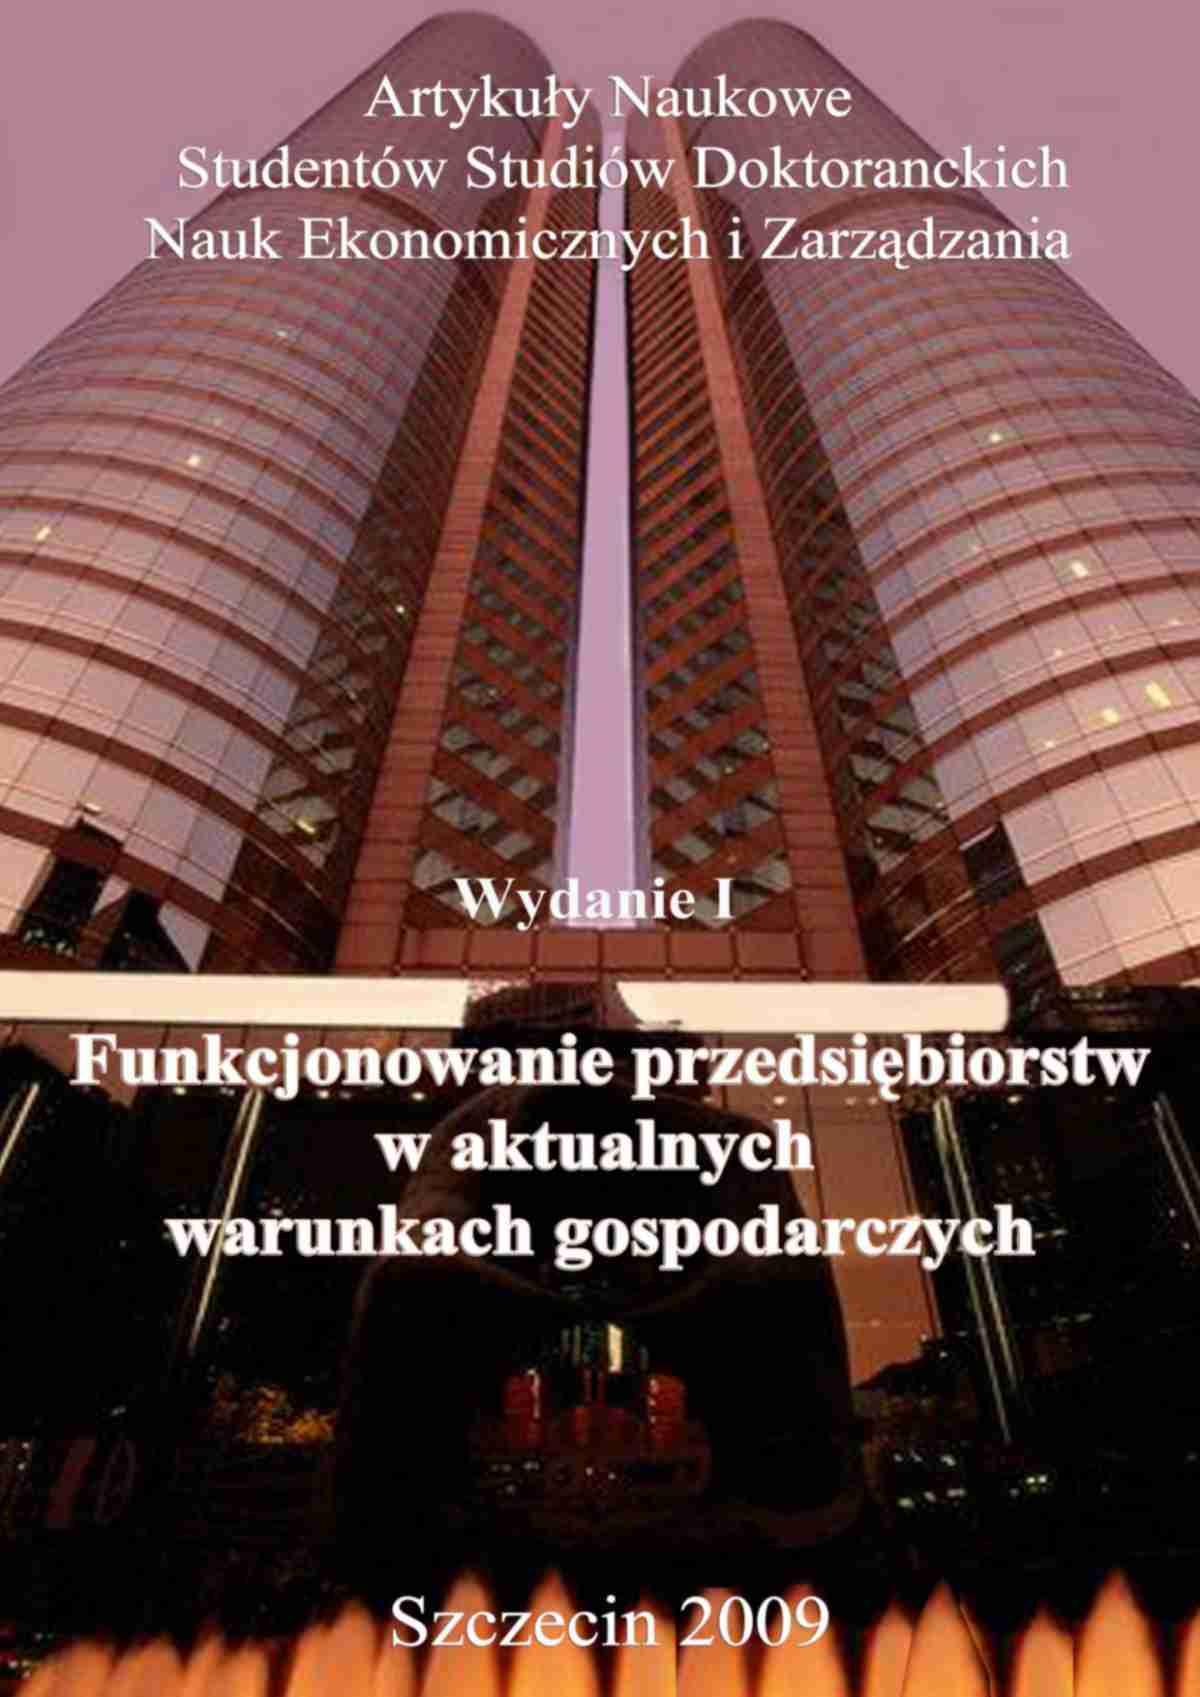 Funkcjonowanie przedsiębiorstw w aktualnych warunkach gospodarczych Wydanie: I - Ebook (Książka PDF) do pobrania w formacie PDF